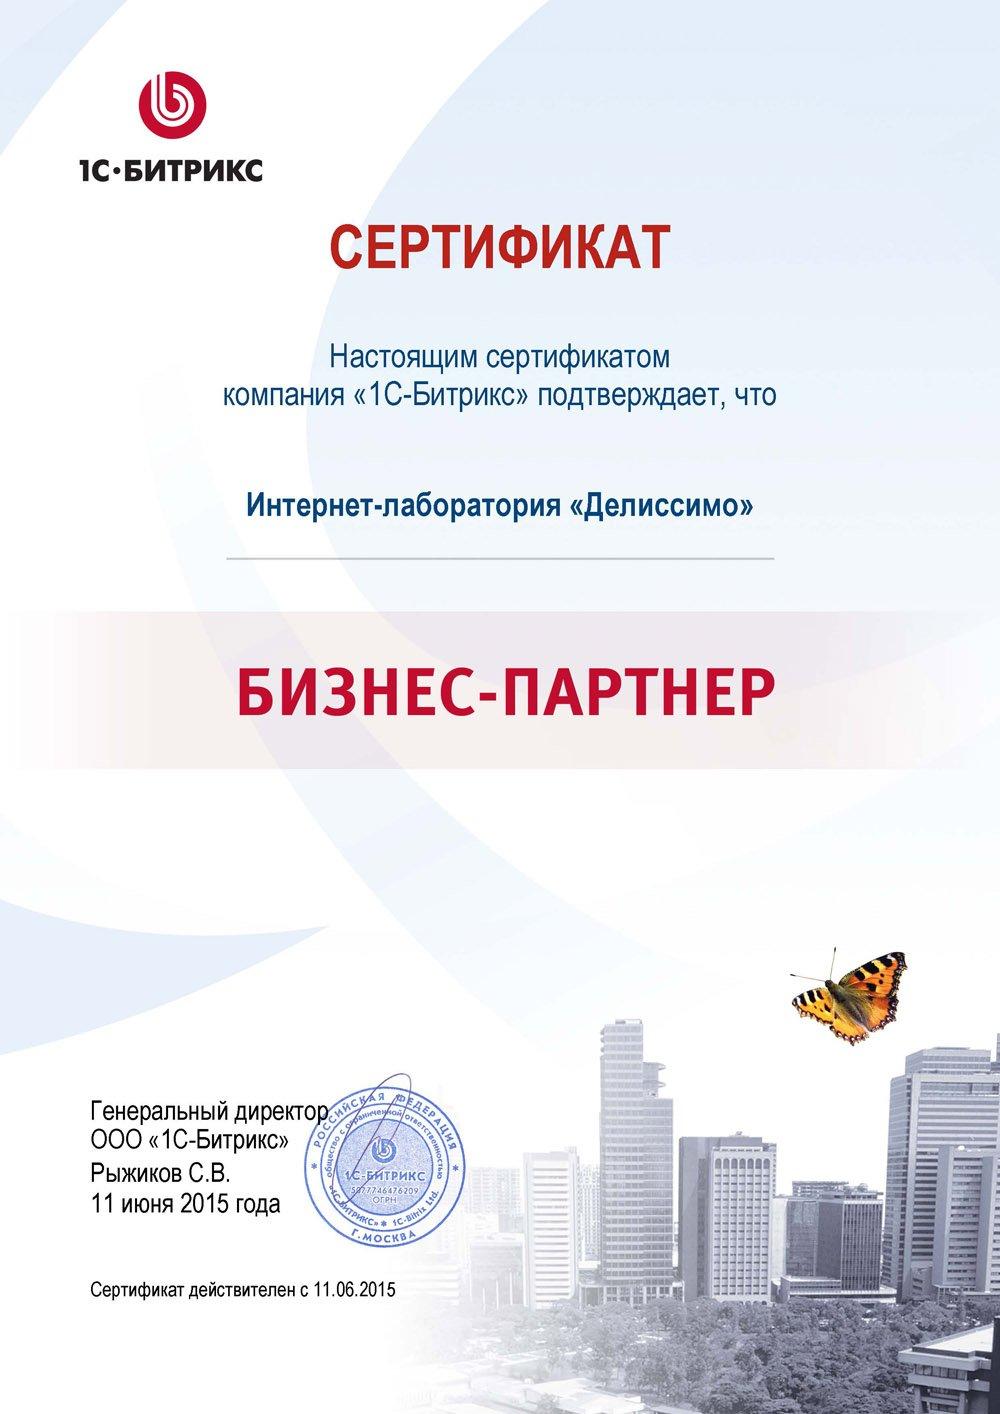 Бизнес-партнёр 1С-Битрикс